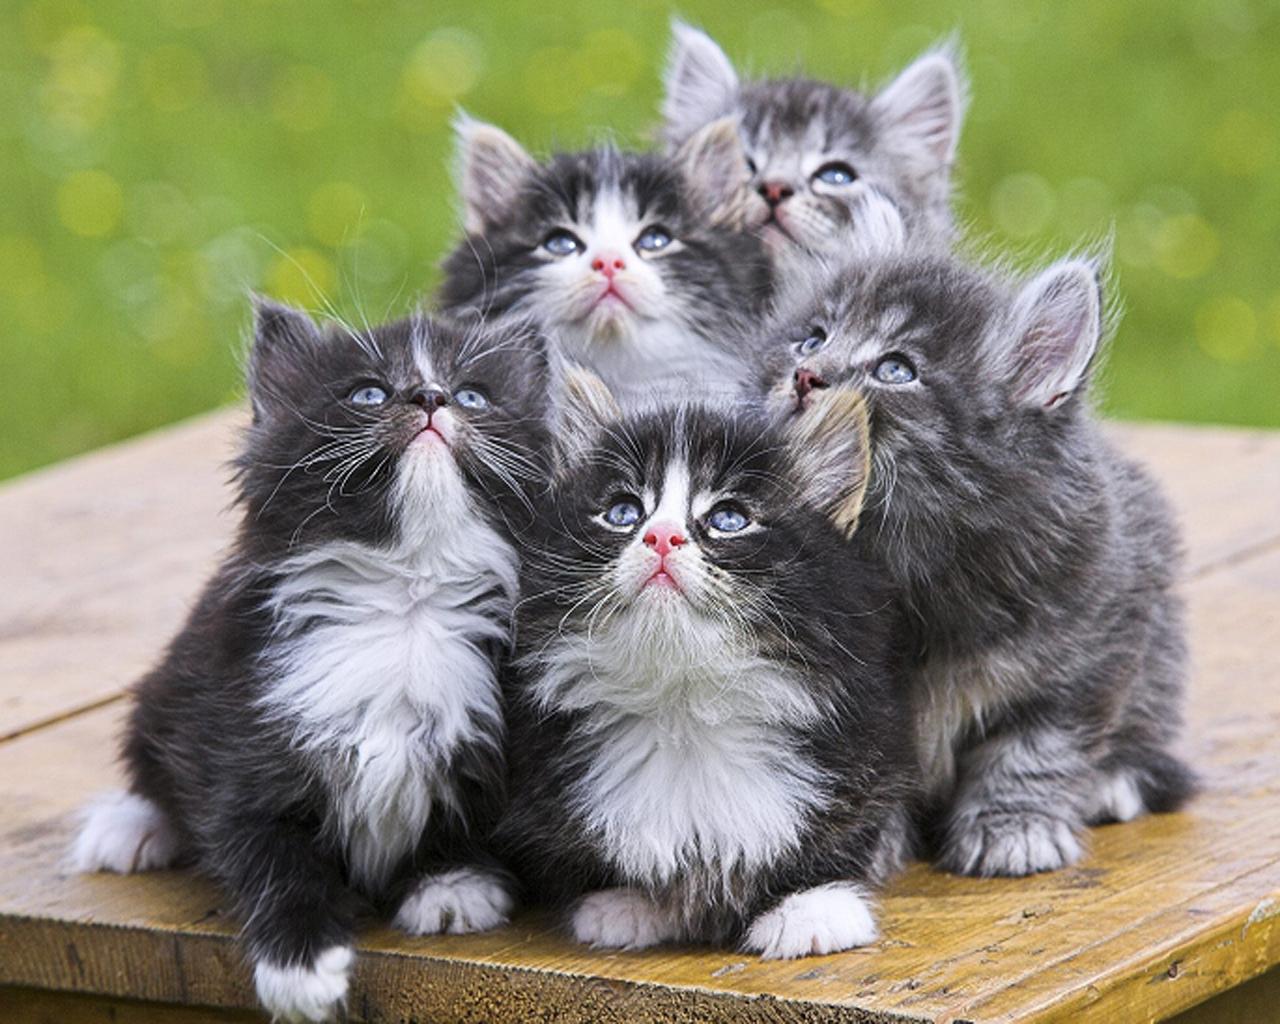 Kucing mempunyai emosi seperti manusia.